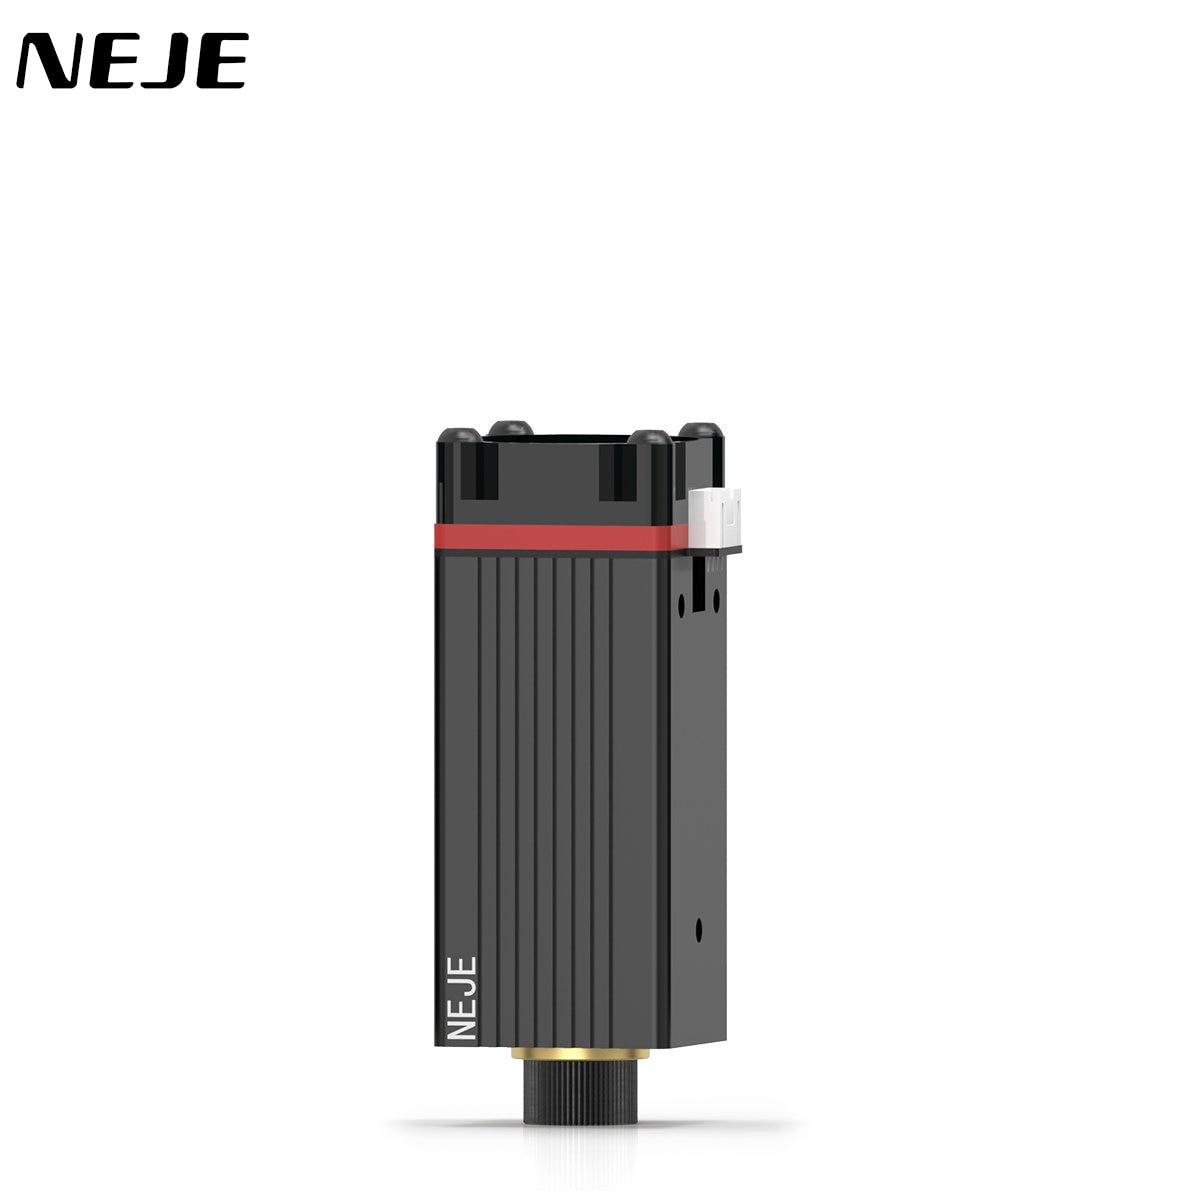 450nm 7 واط المهنية النقش بالليزر وحدة الضوء الأزرق مع TTL / PWM تعديل ل آلة تقطيع بالليزر ، نك الليزر حفارة